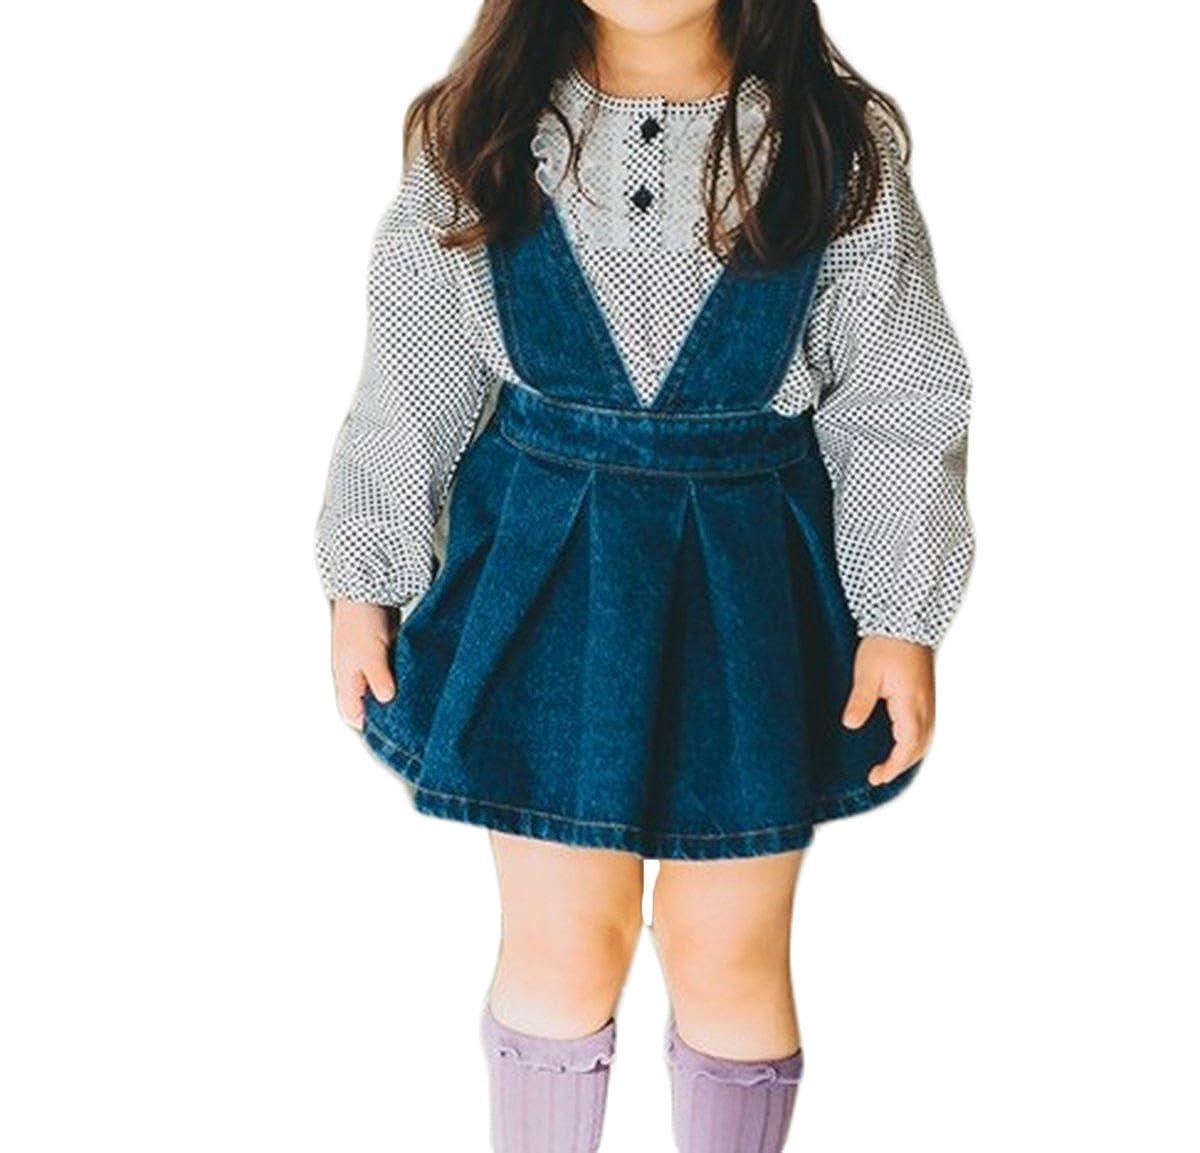 GoodFilling Toddler Baby Girls Suspenders Braces Skirt Denim Jumpsuit Skirt